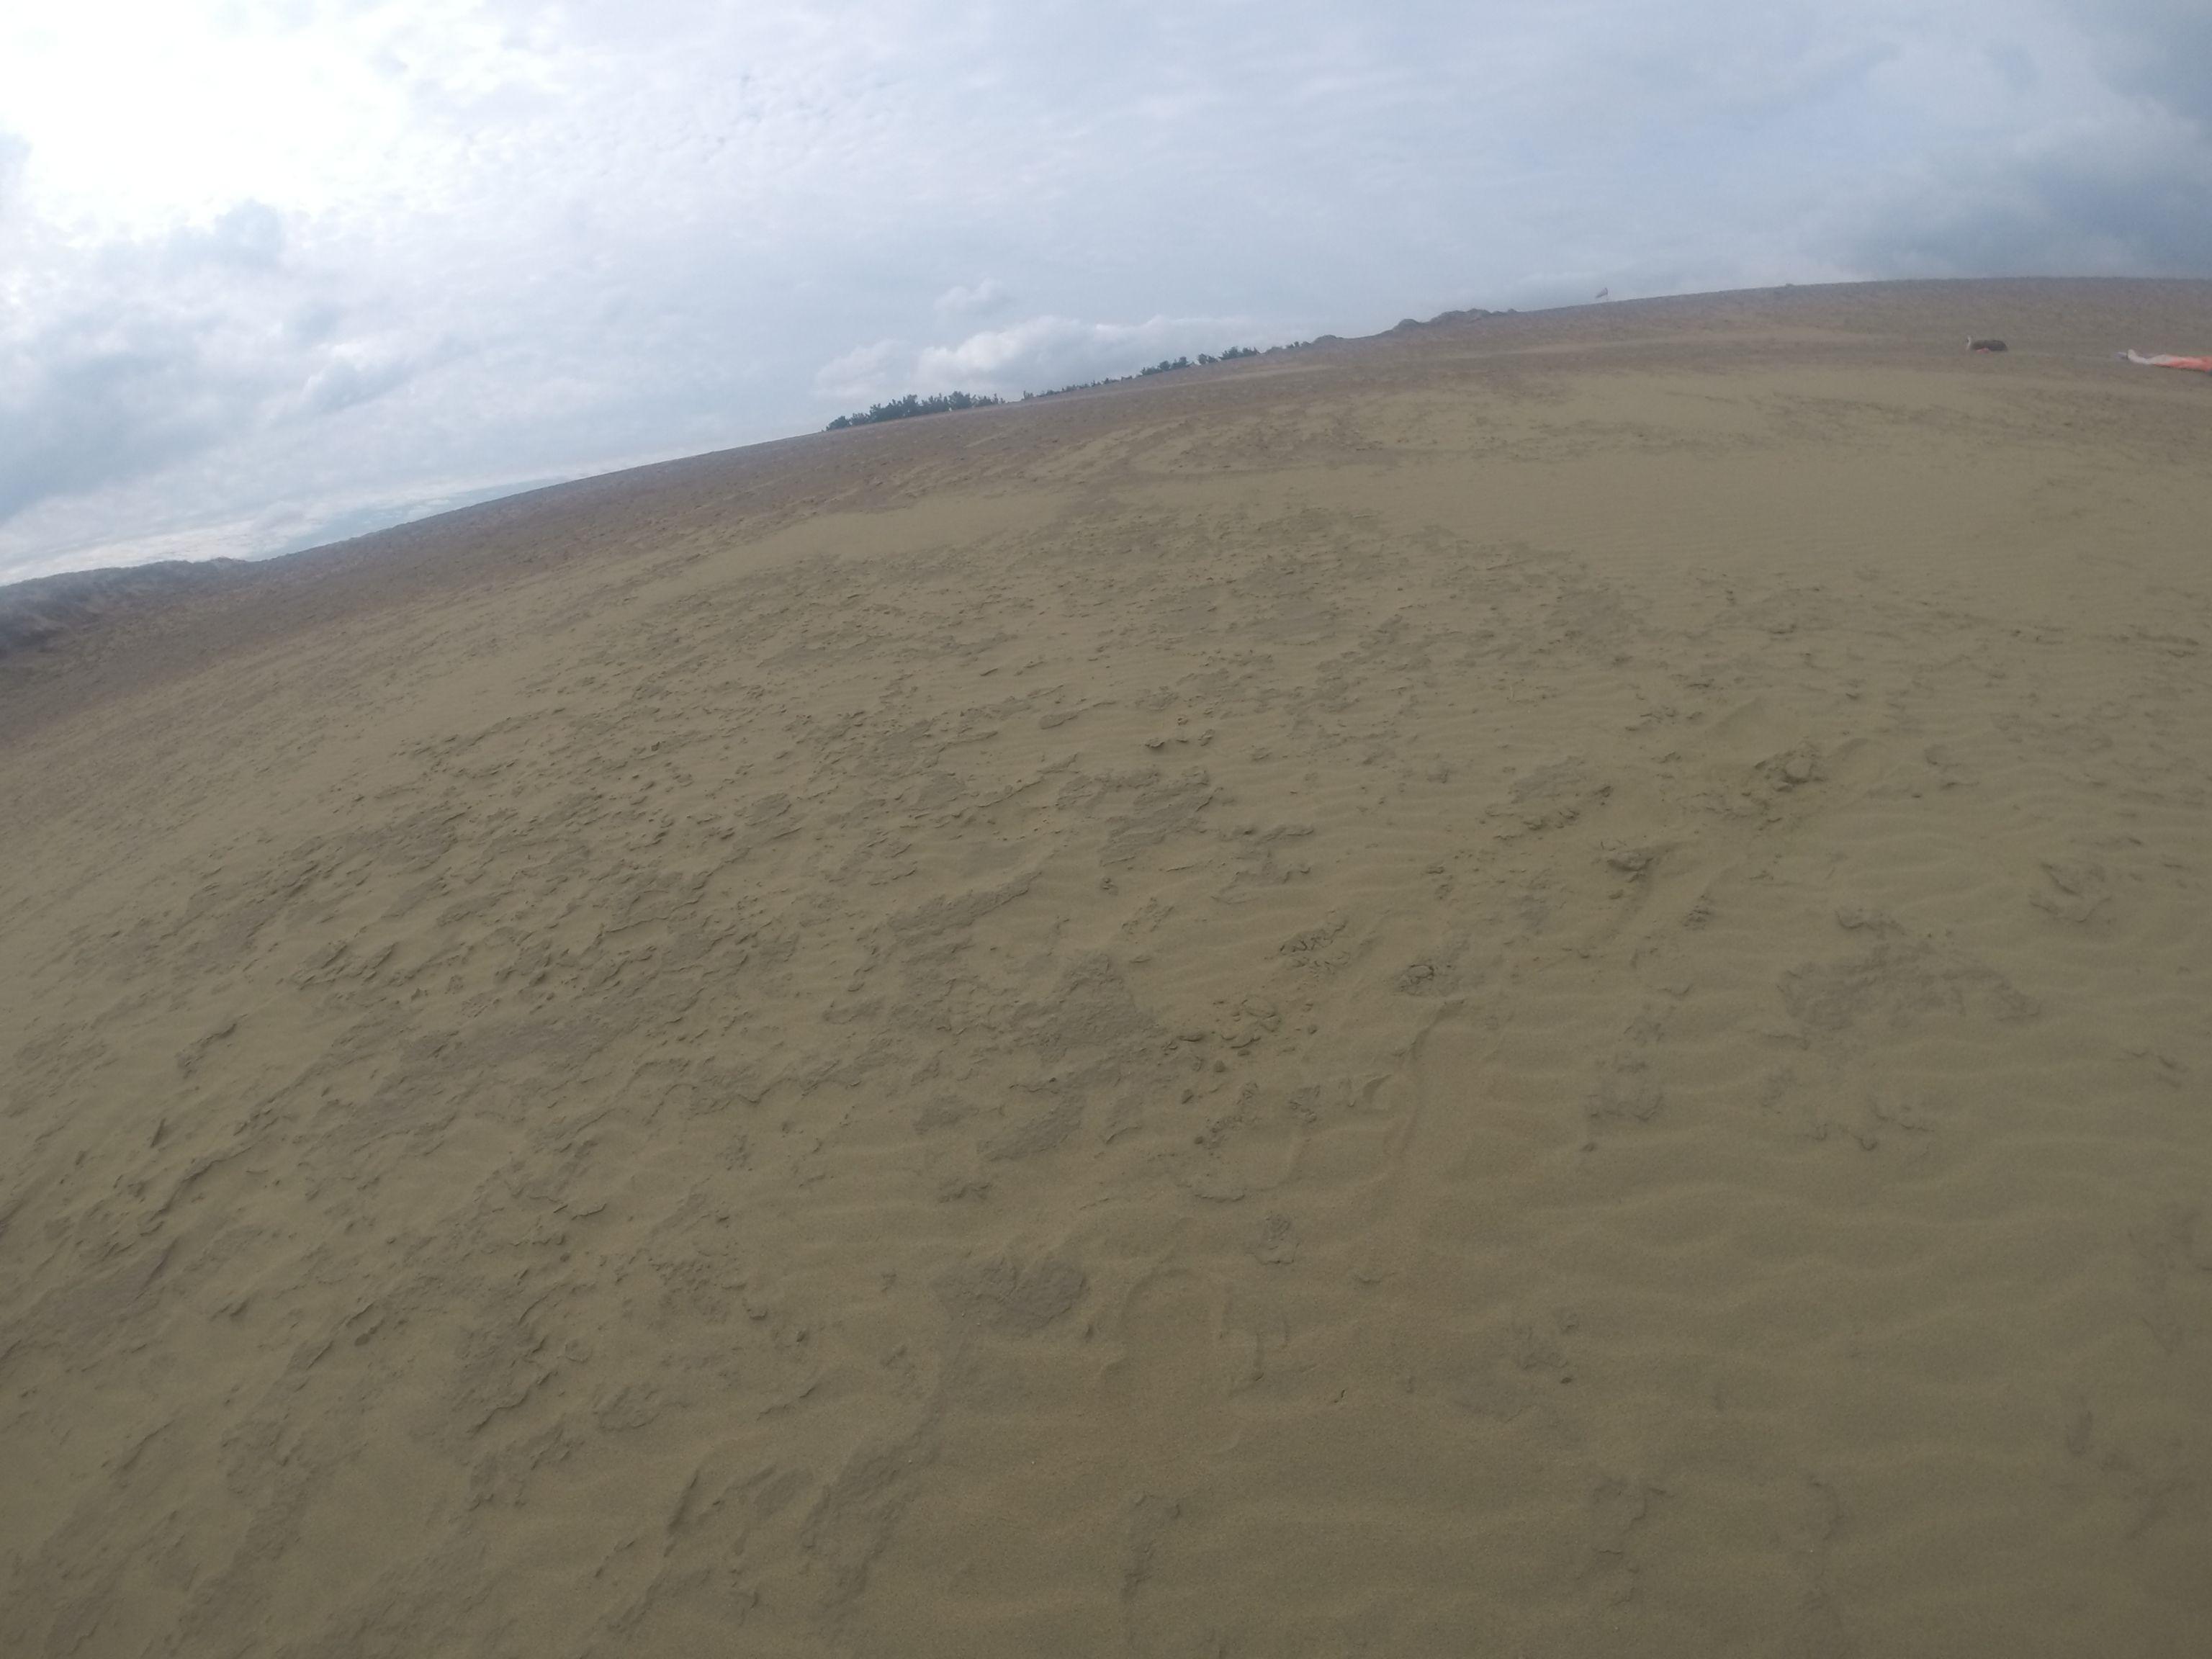 雲に覆われ風も強くなった鳥取砂丘